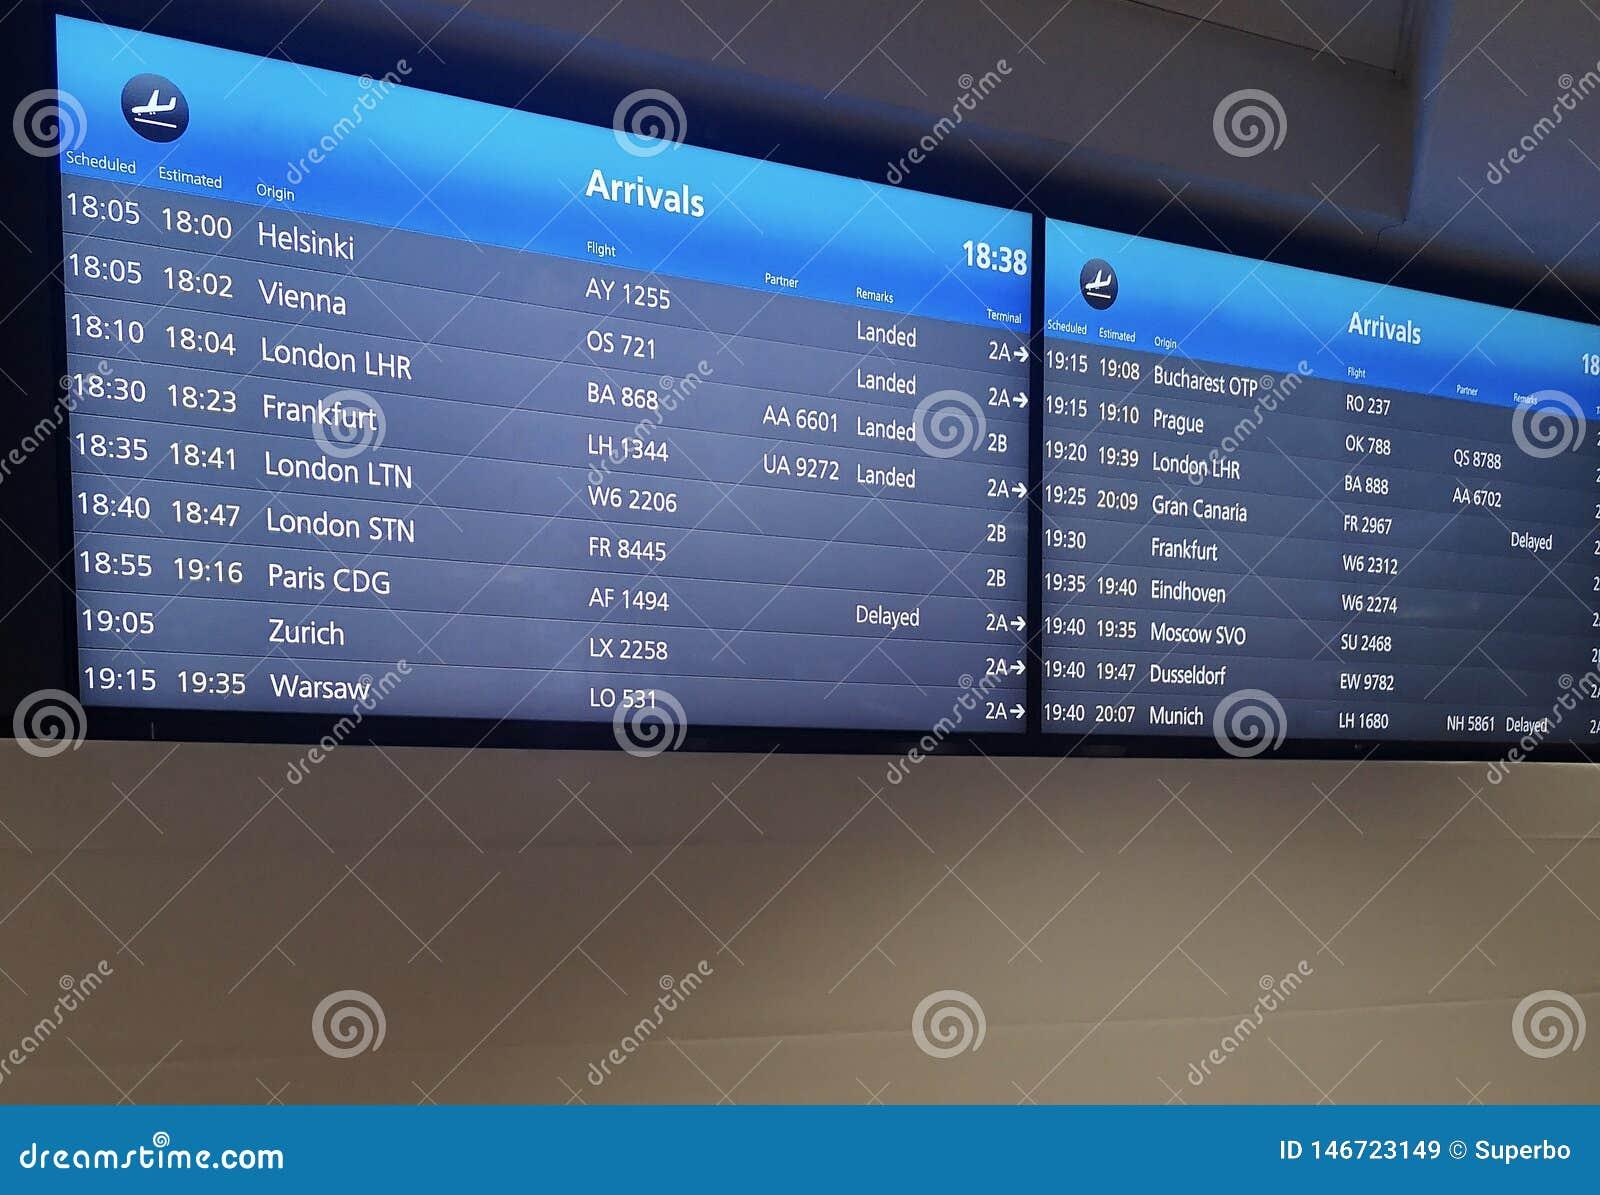 Ankomster visar br?det p? flygplatsterminalen som visar internationella destinationsflyg till n?gra av v?rldens popul?raste st?de